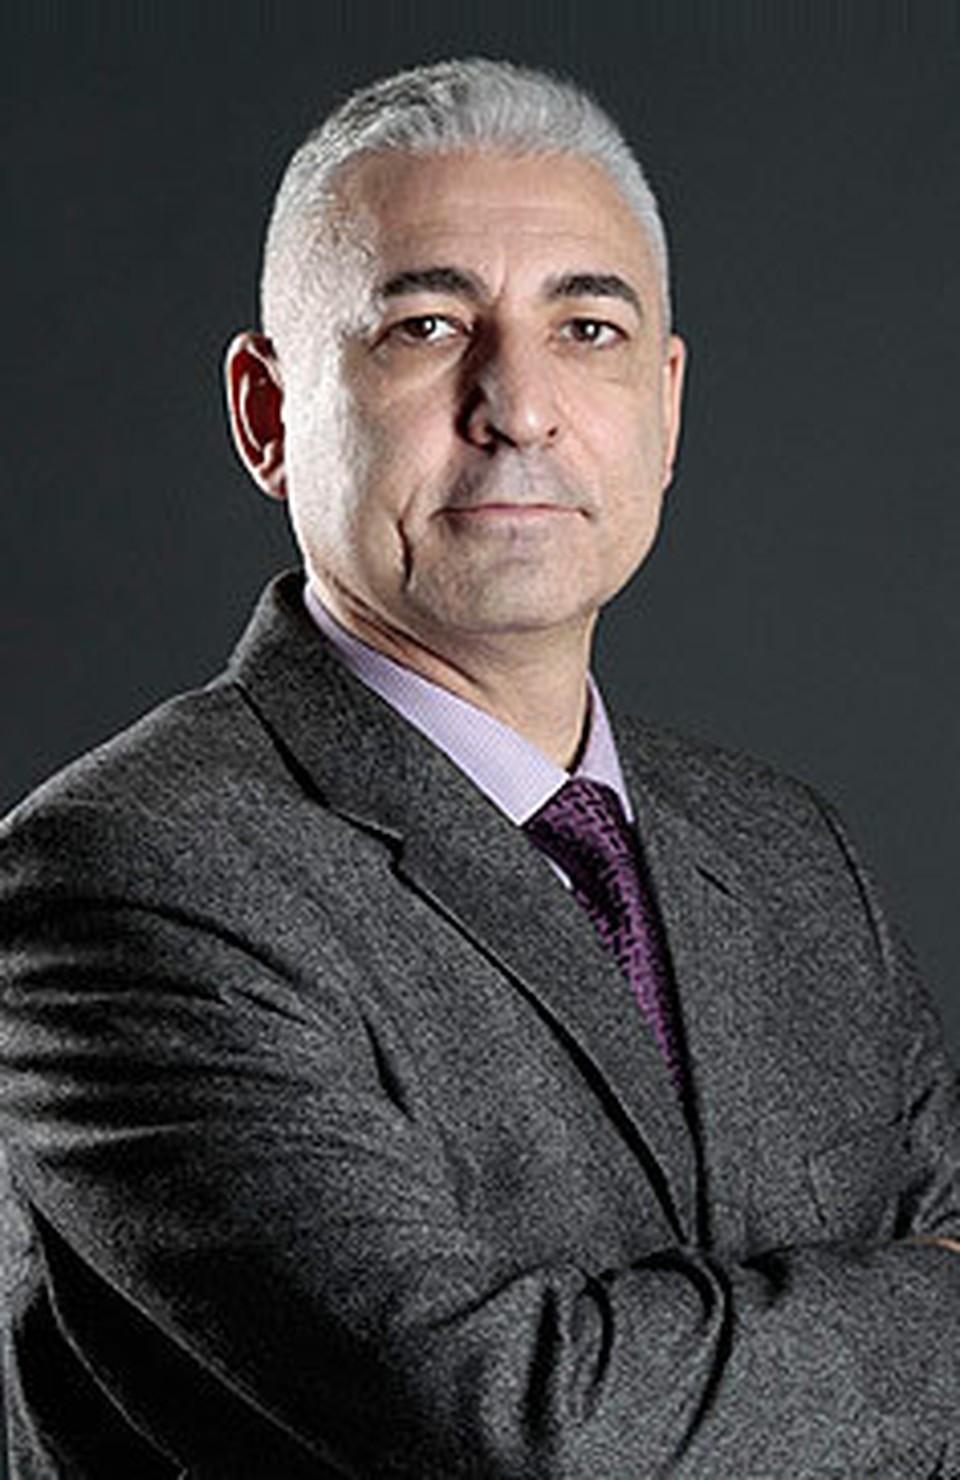 Врач-психотерапевт Виктор Гужагин